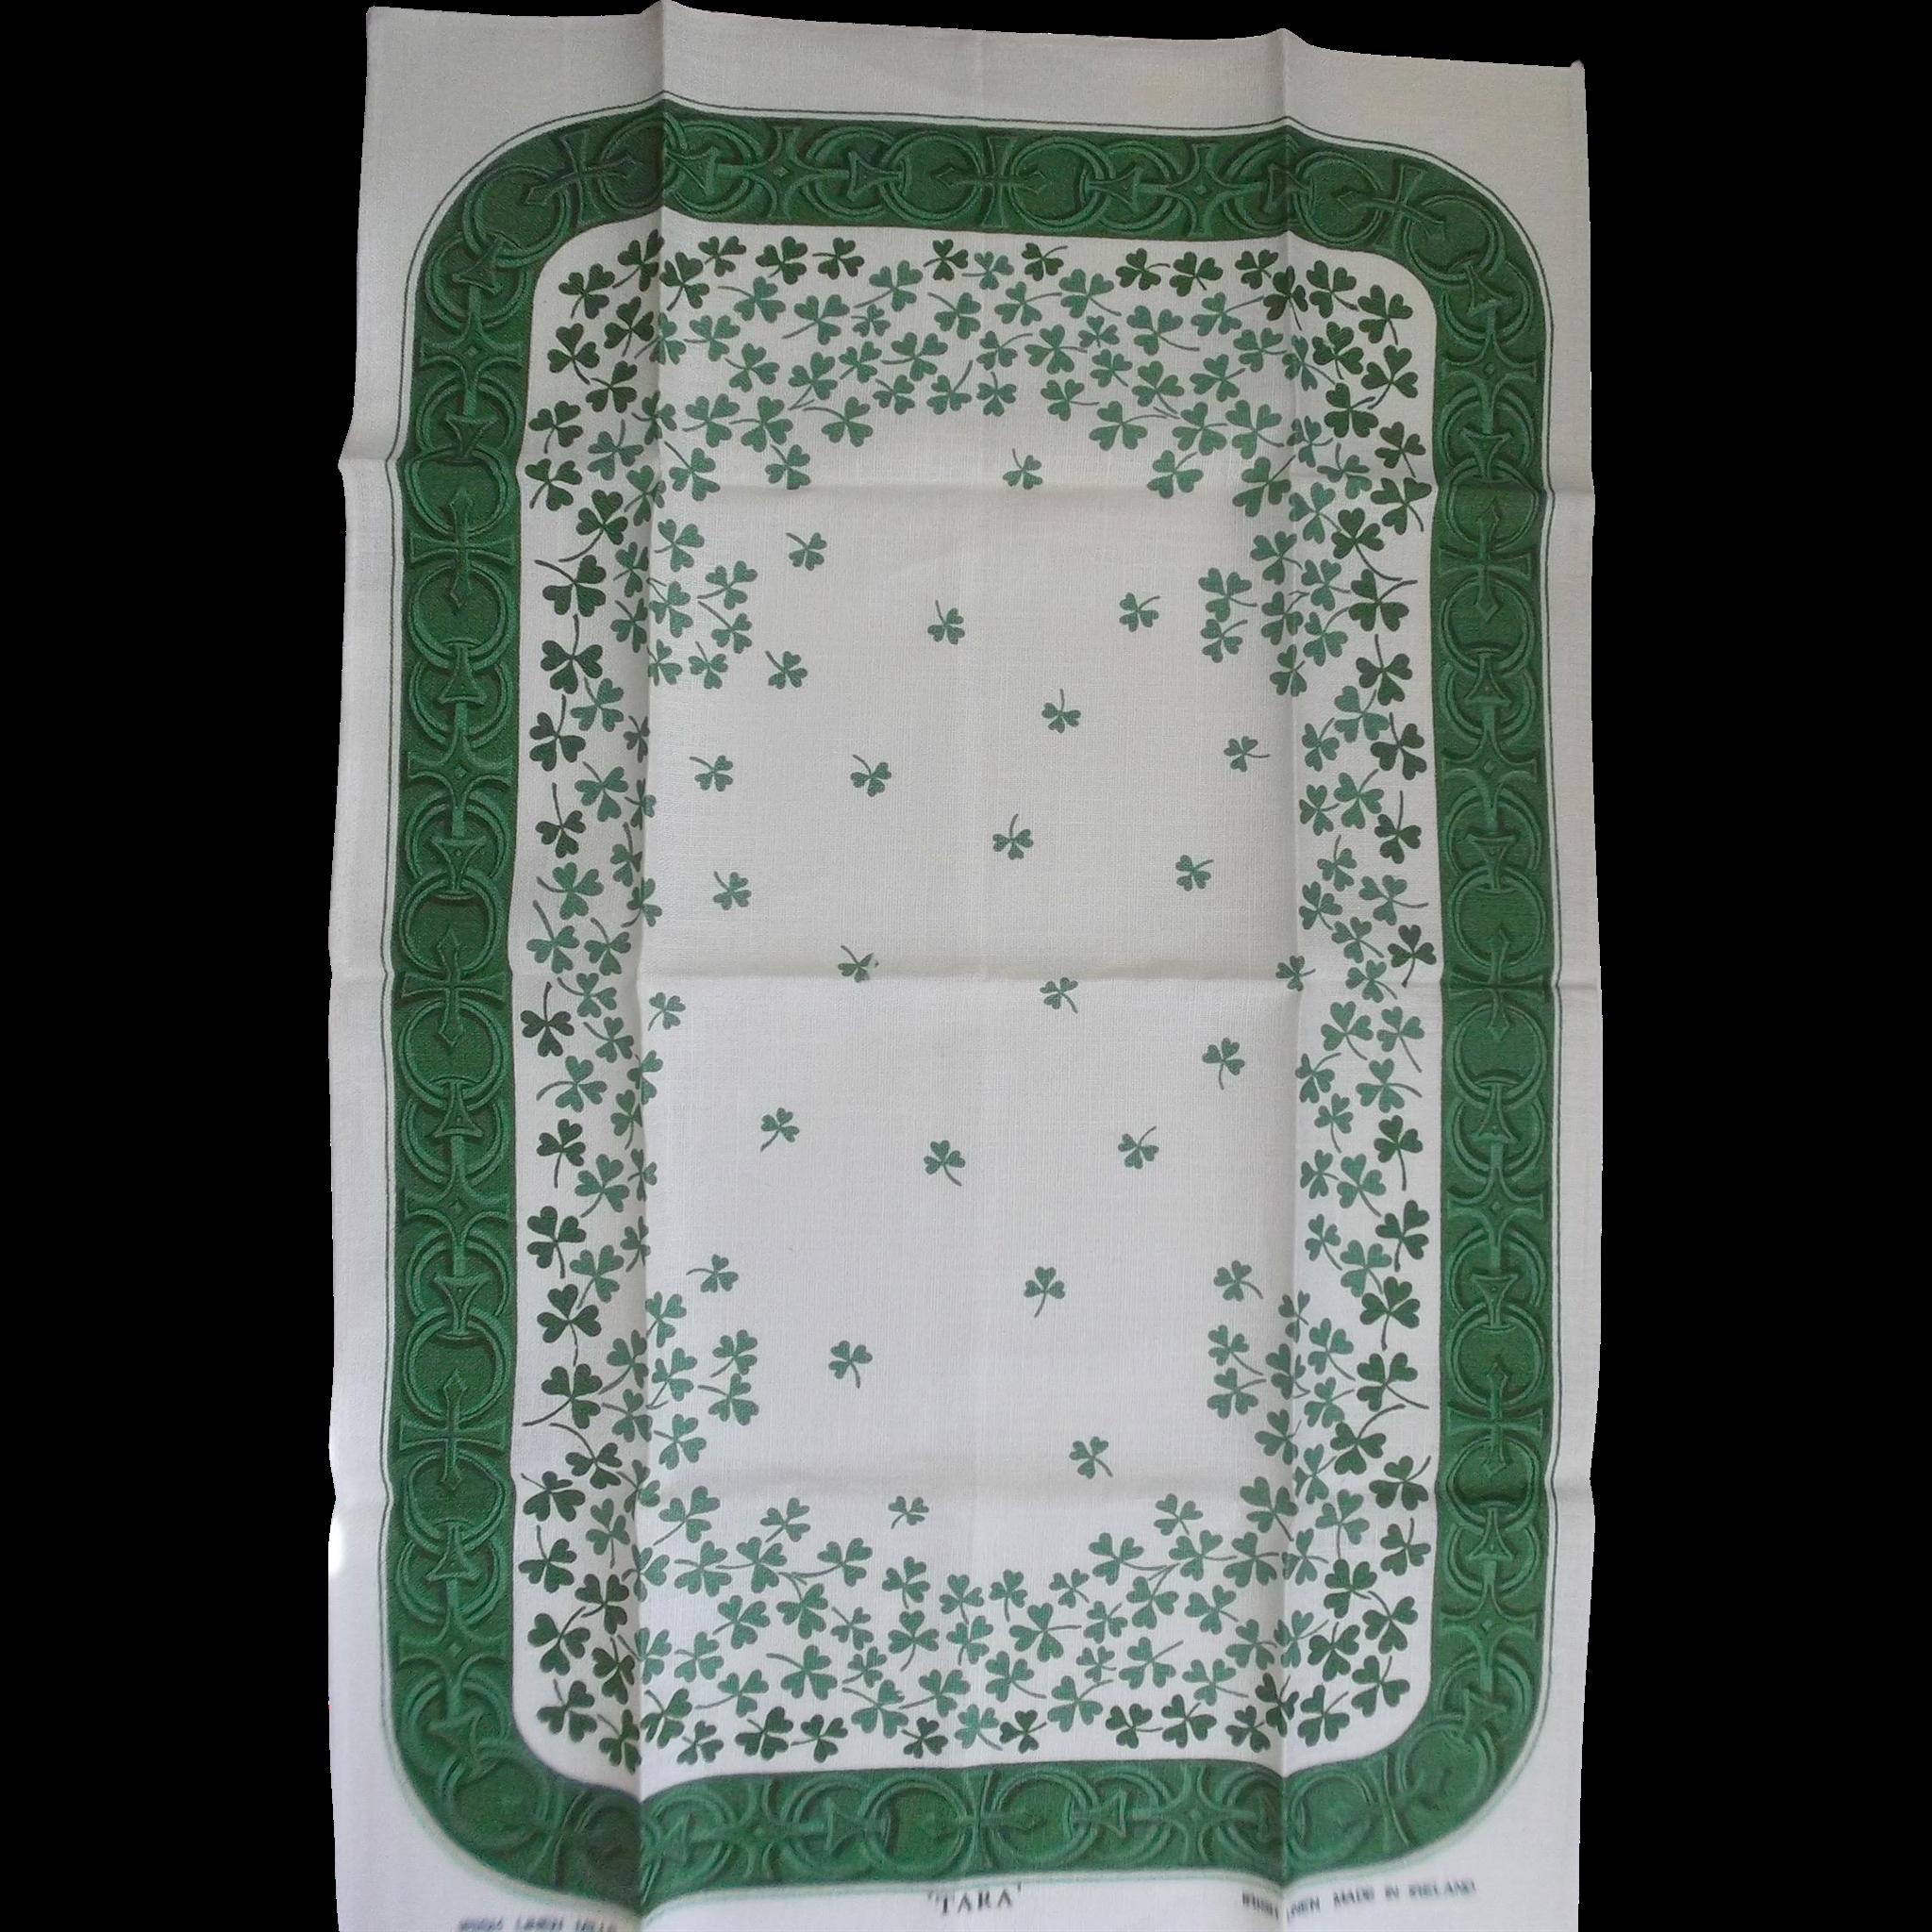 Irish Linen Tara Towel Green Clovers on Ecru Linen